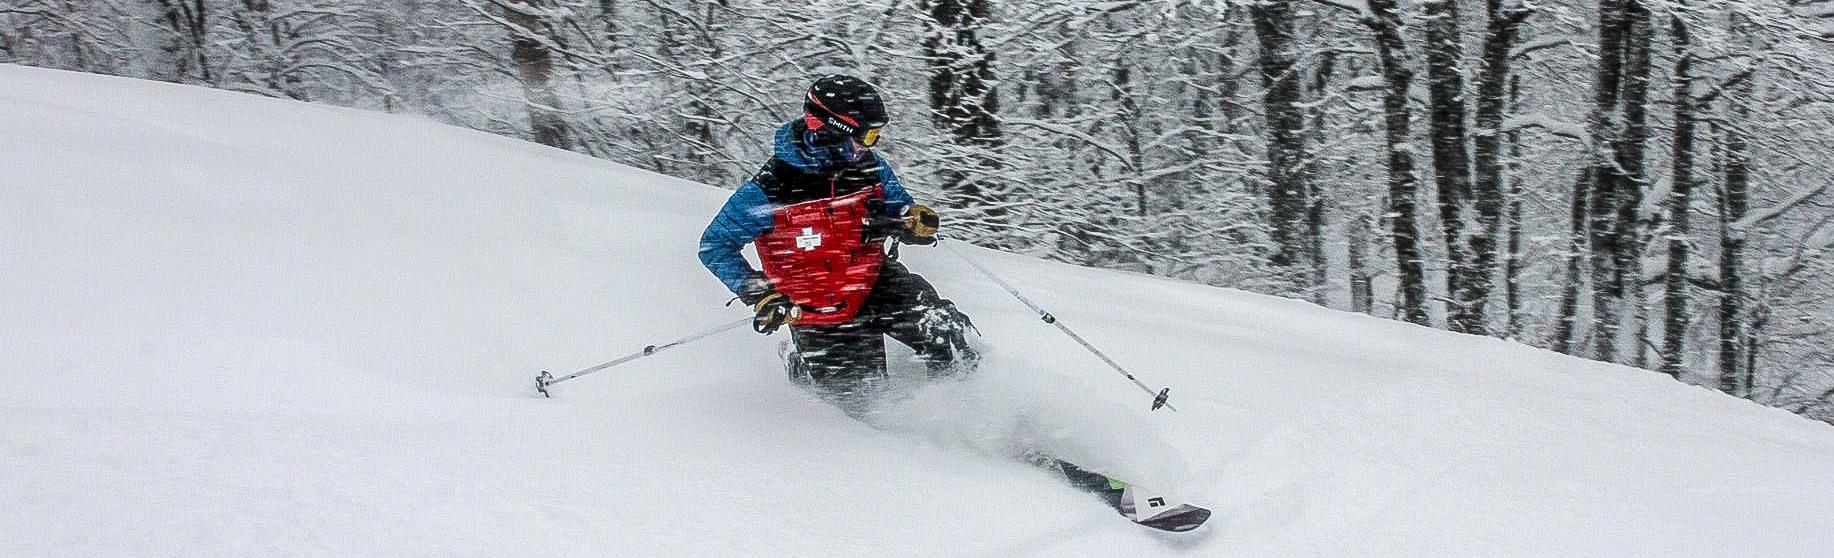 OET at Spring Mountain Ski Patrol